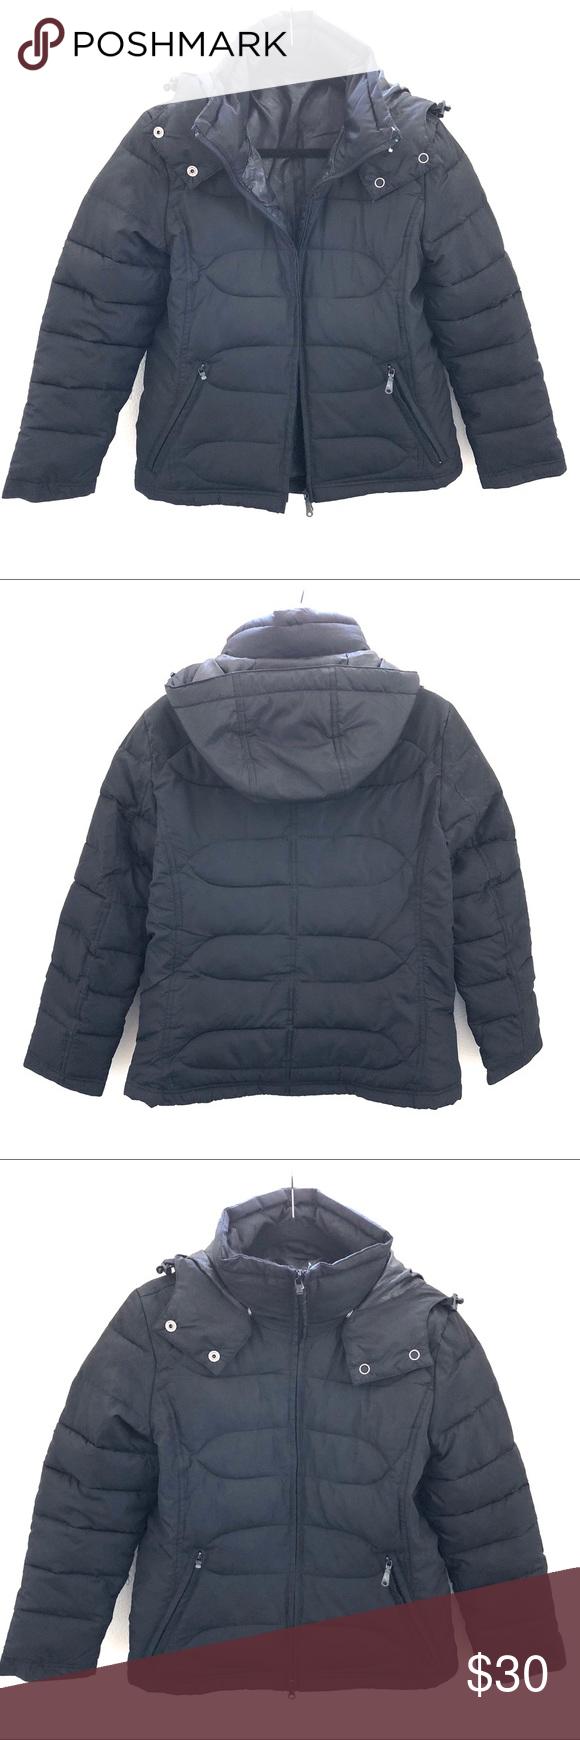 H&M Quilted Puffer Jacket Quilted puffer jacket, Black